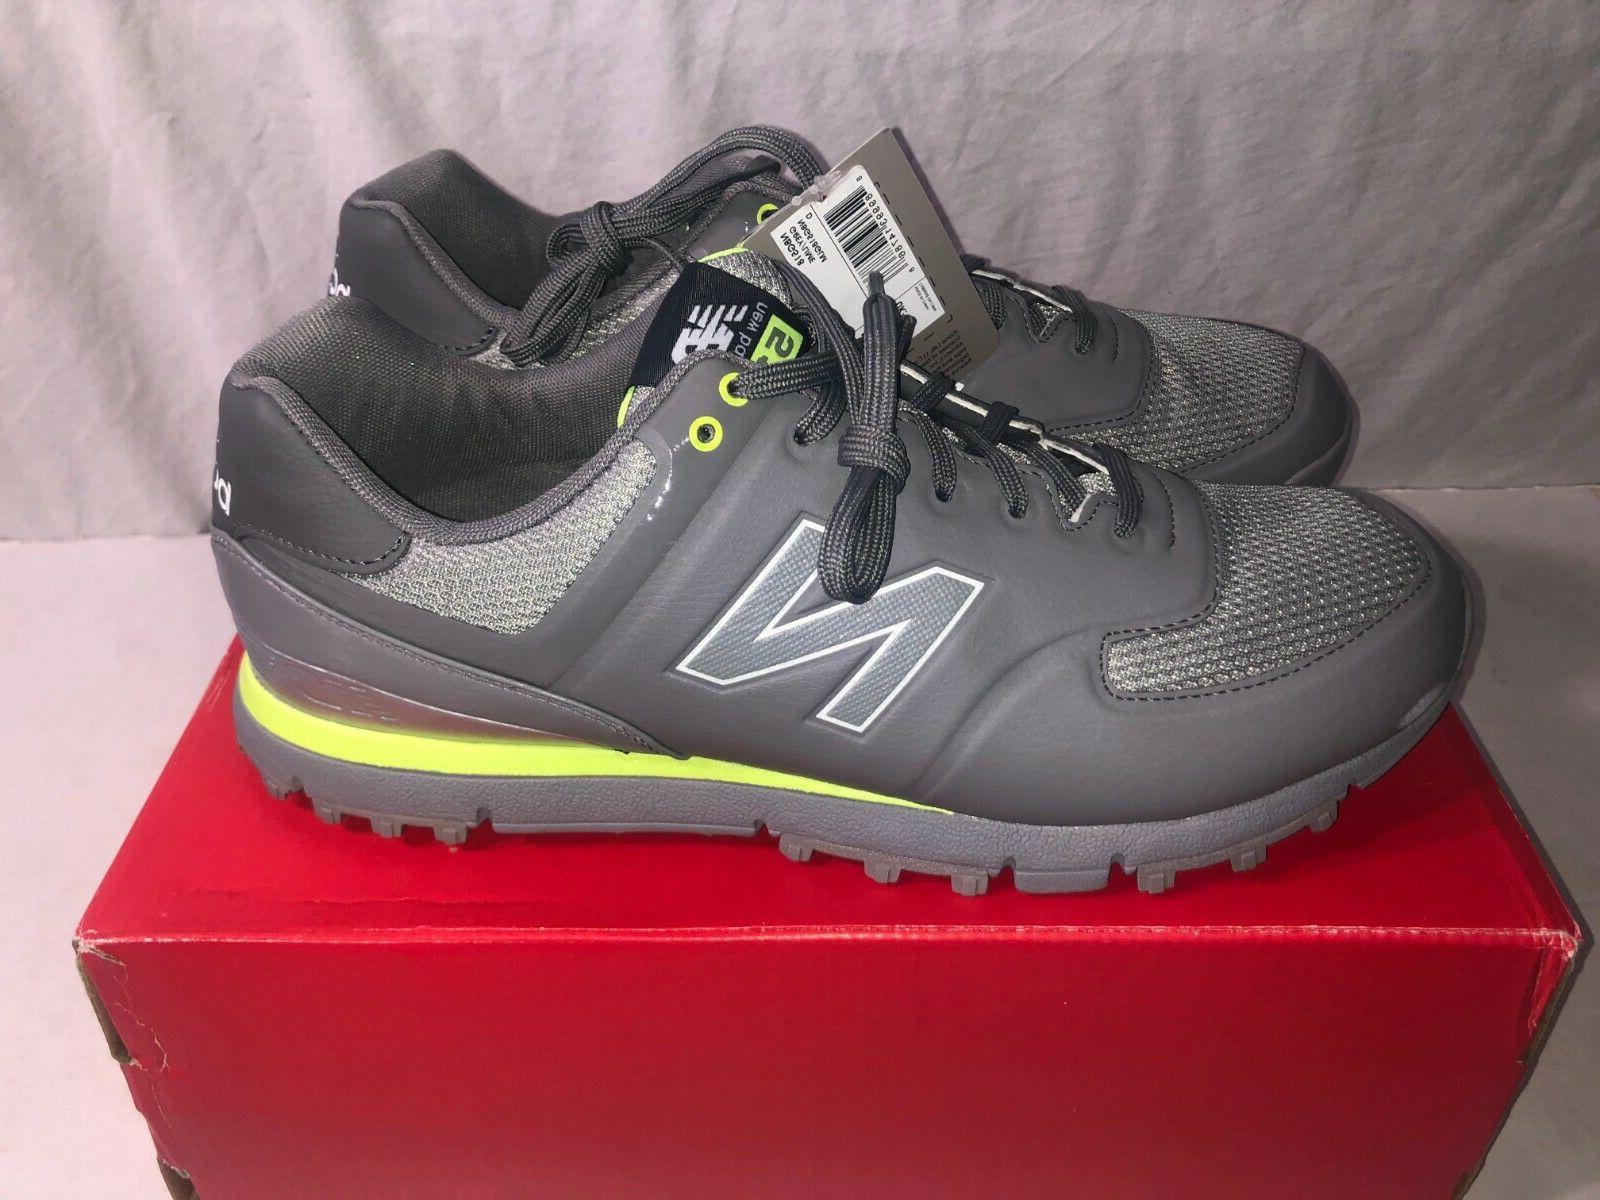 new balance men s nbg518 spikeless golf